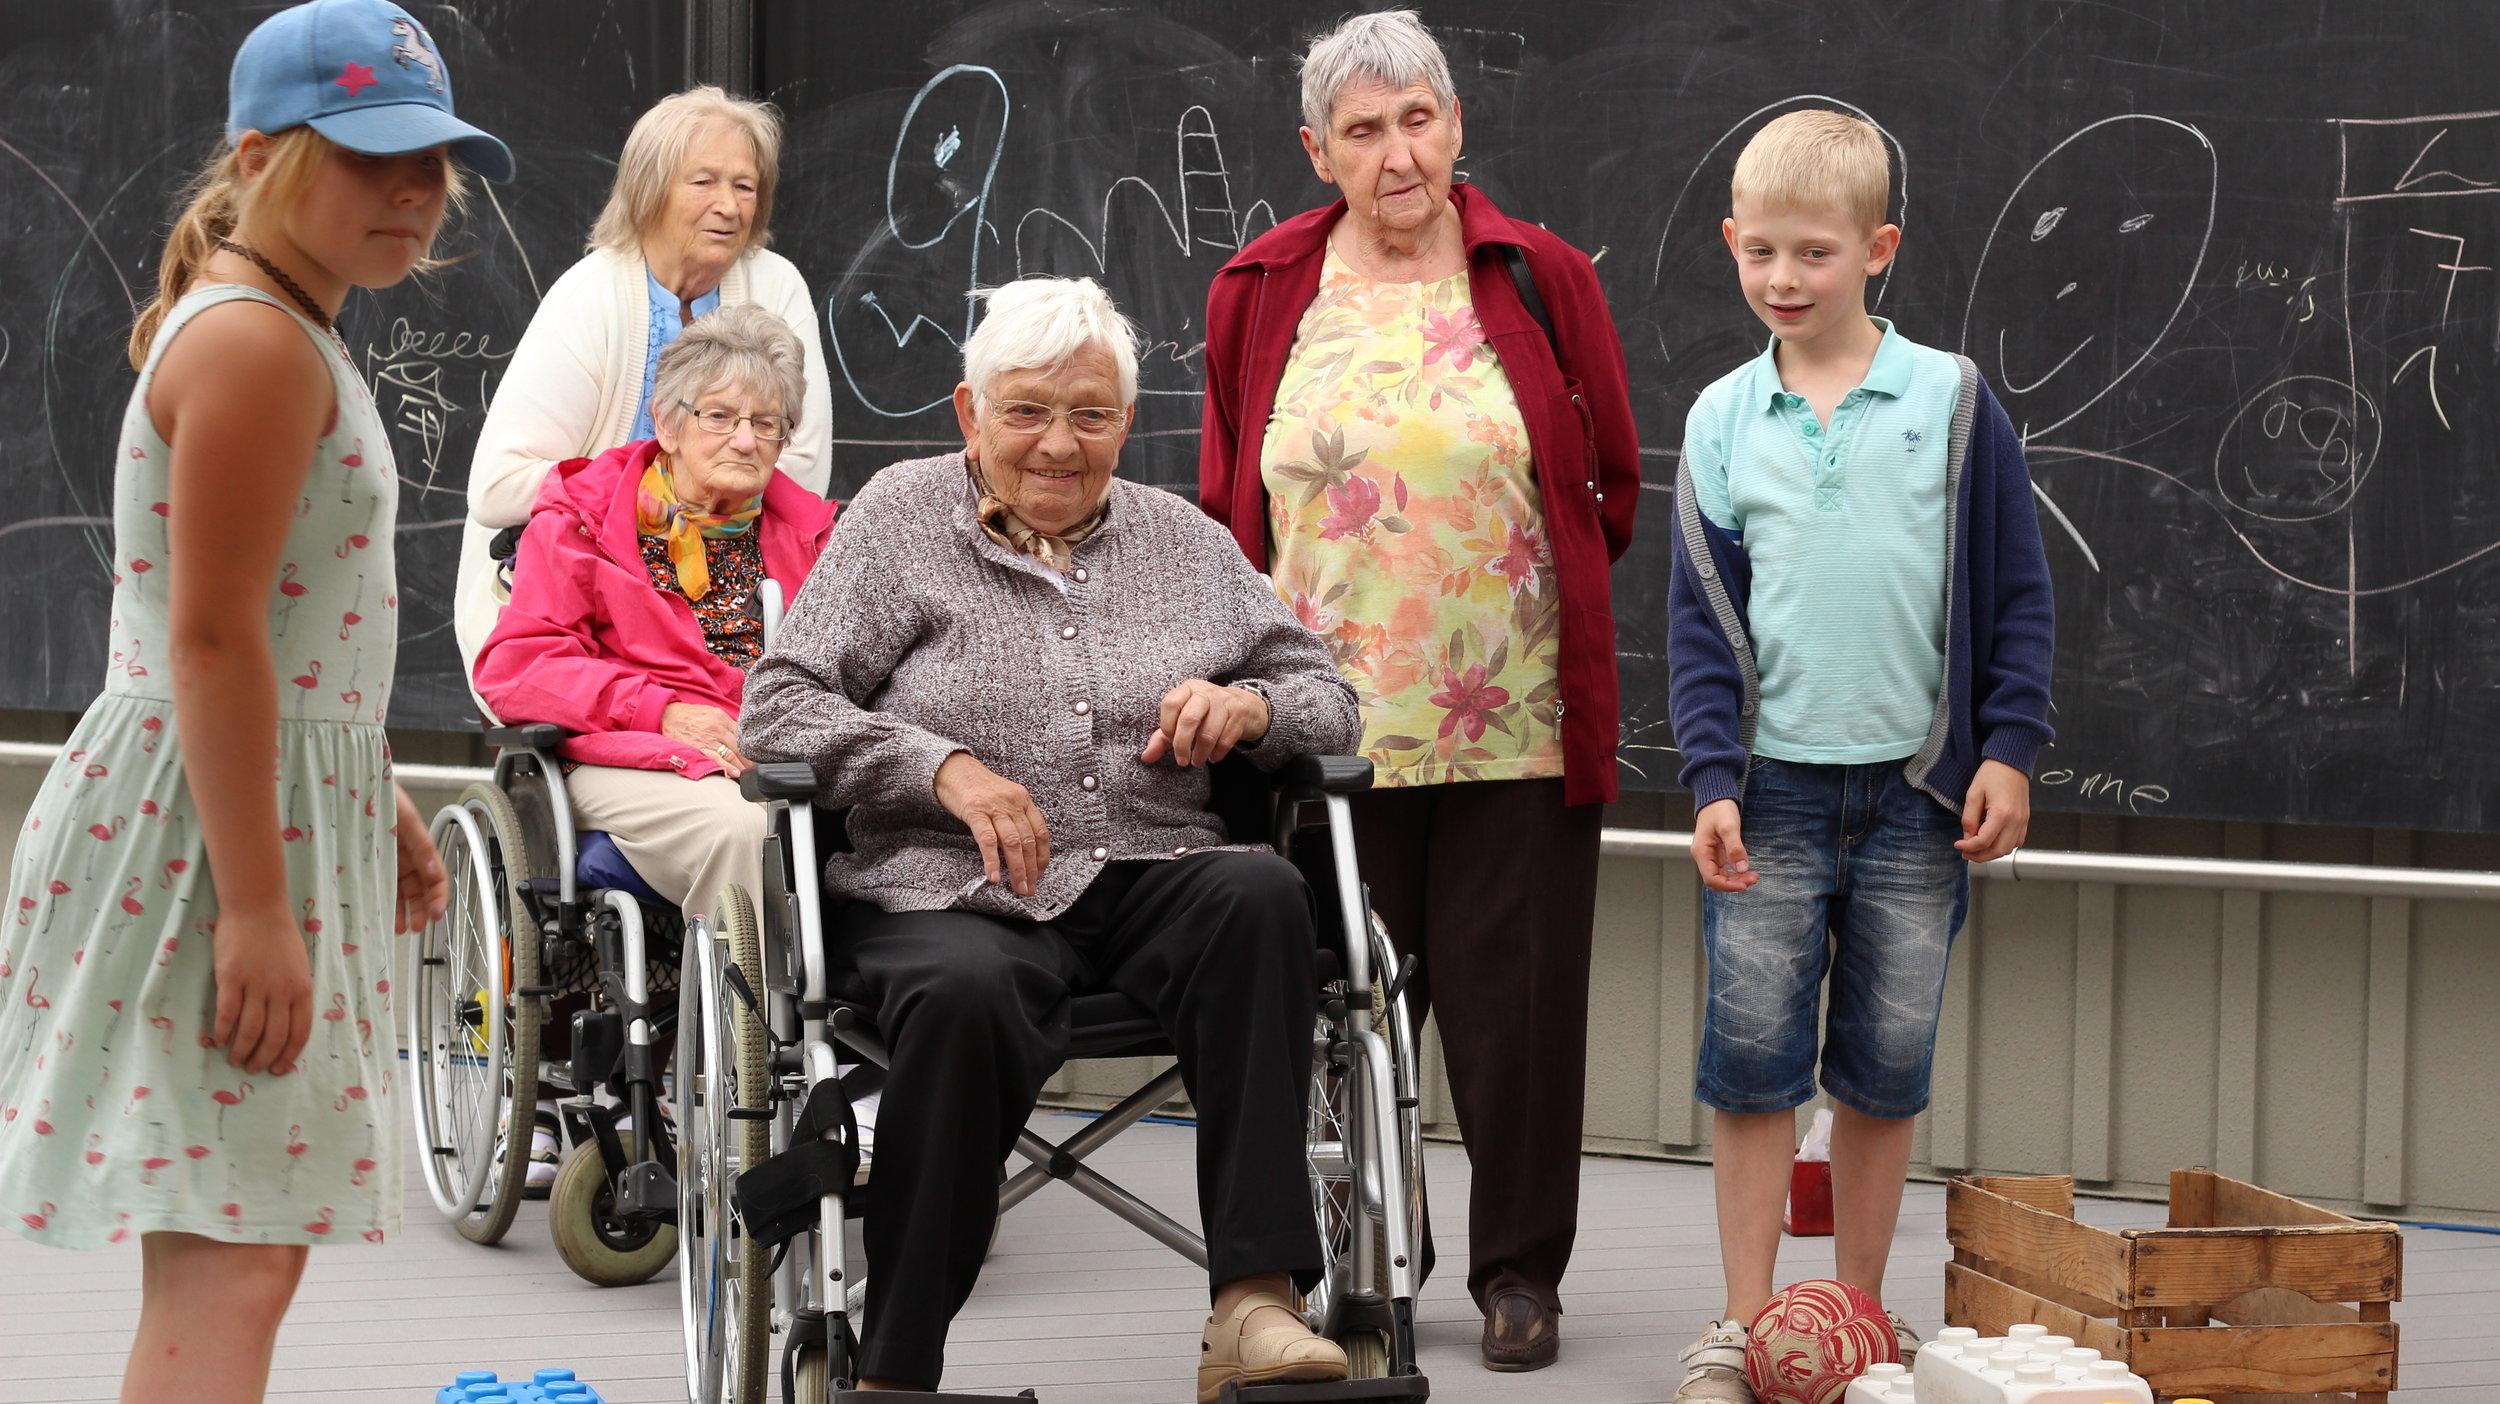 Bild aus dem Programm CHILDREN Jugend hilft! (soziales Engagement): Kinder arbeiten in ihrem Projekt mit Senioren aus einem Altenheim zusammen.